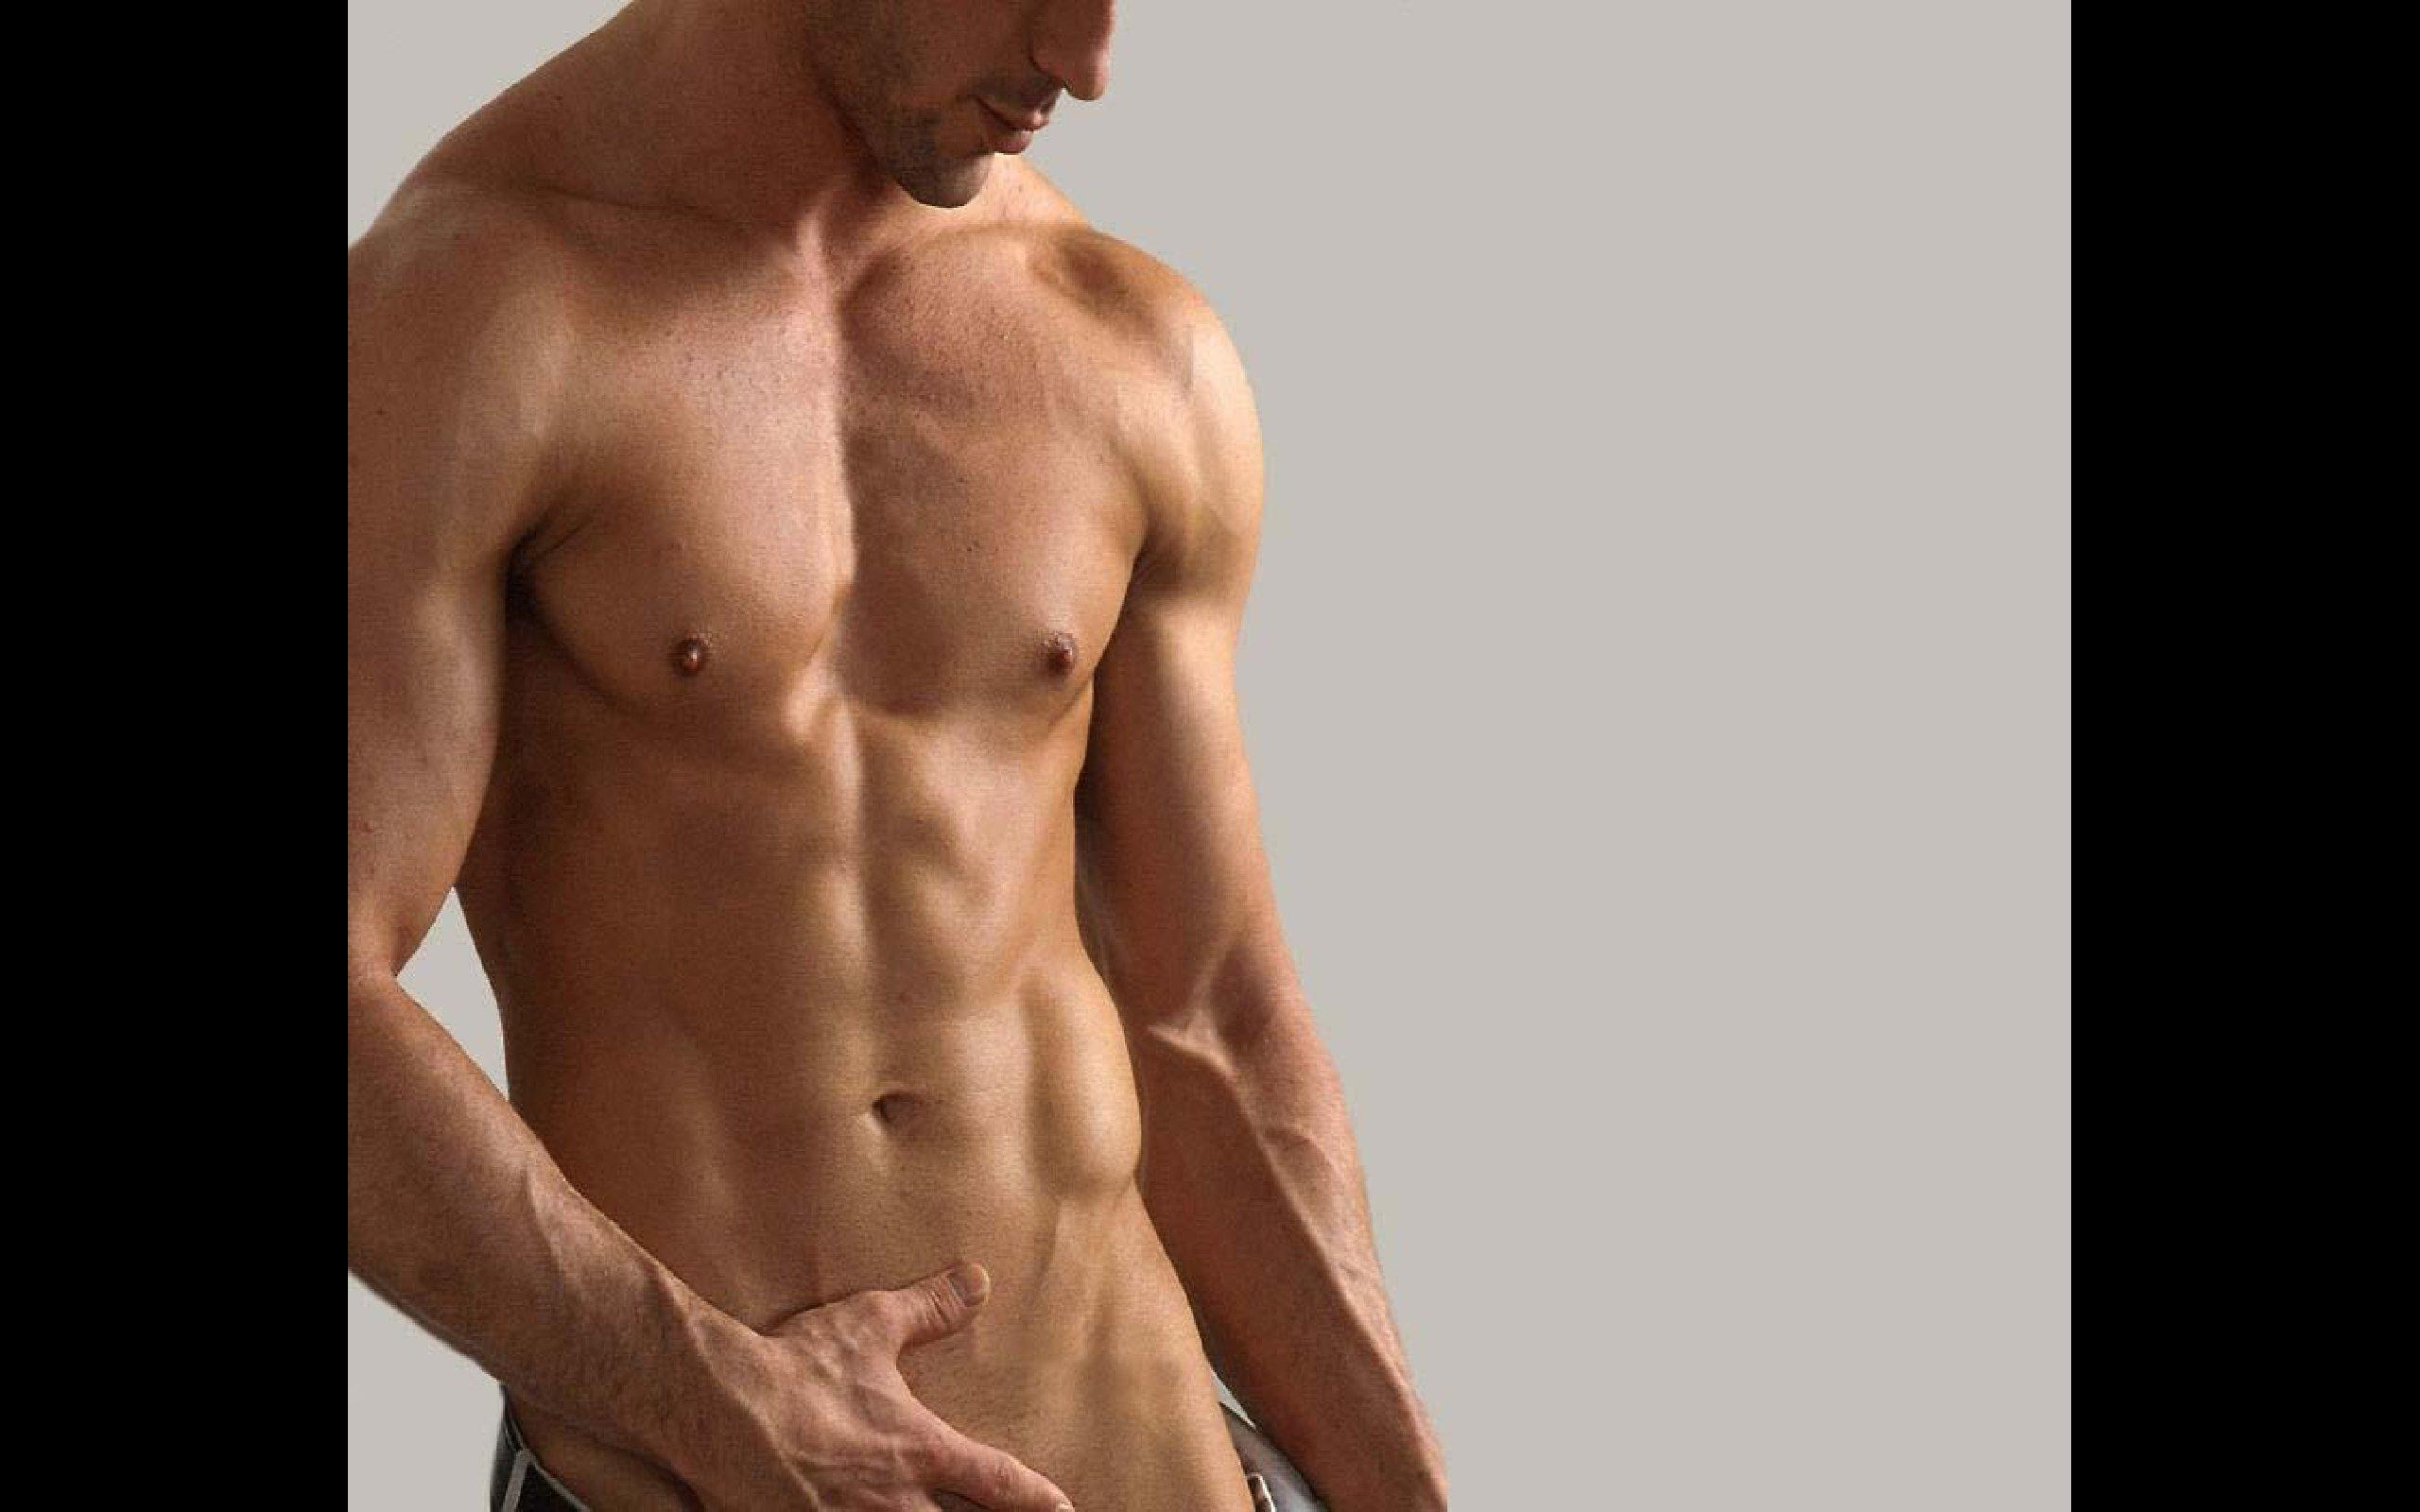 Тесты для мужчин сексуальные 5 фотография